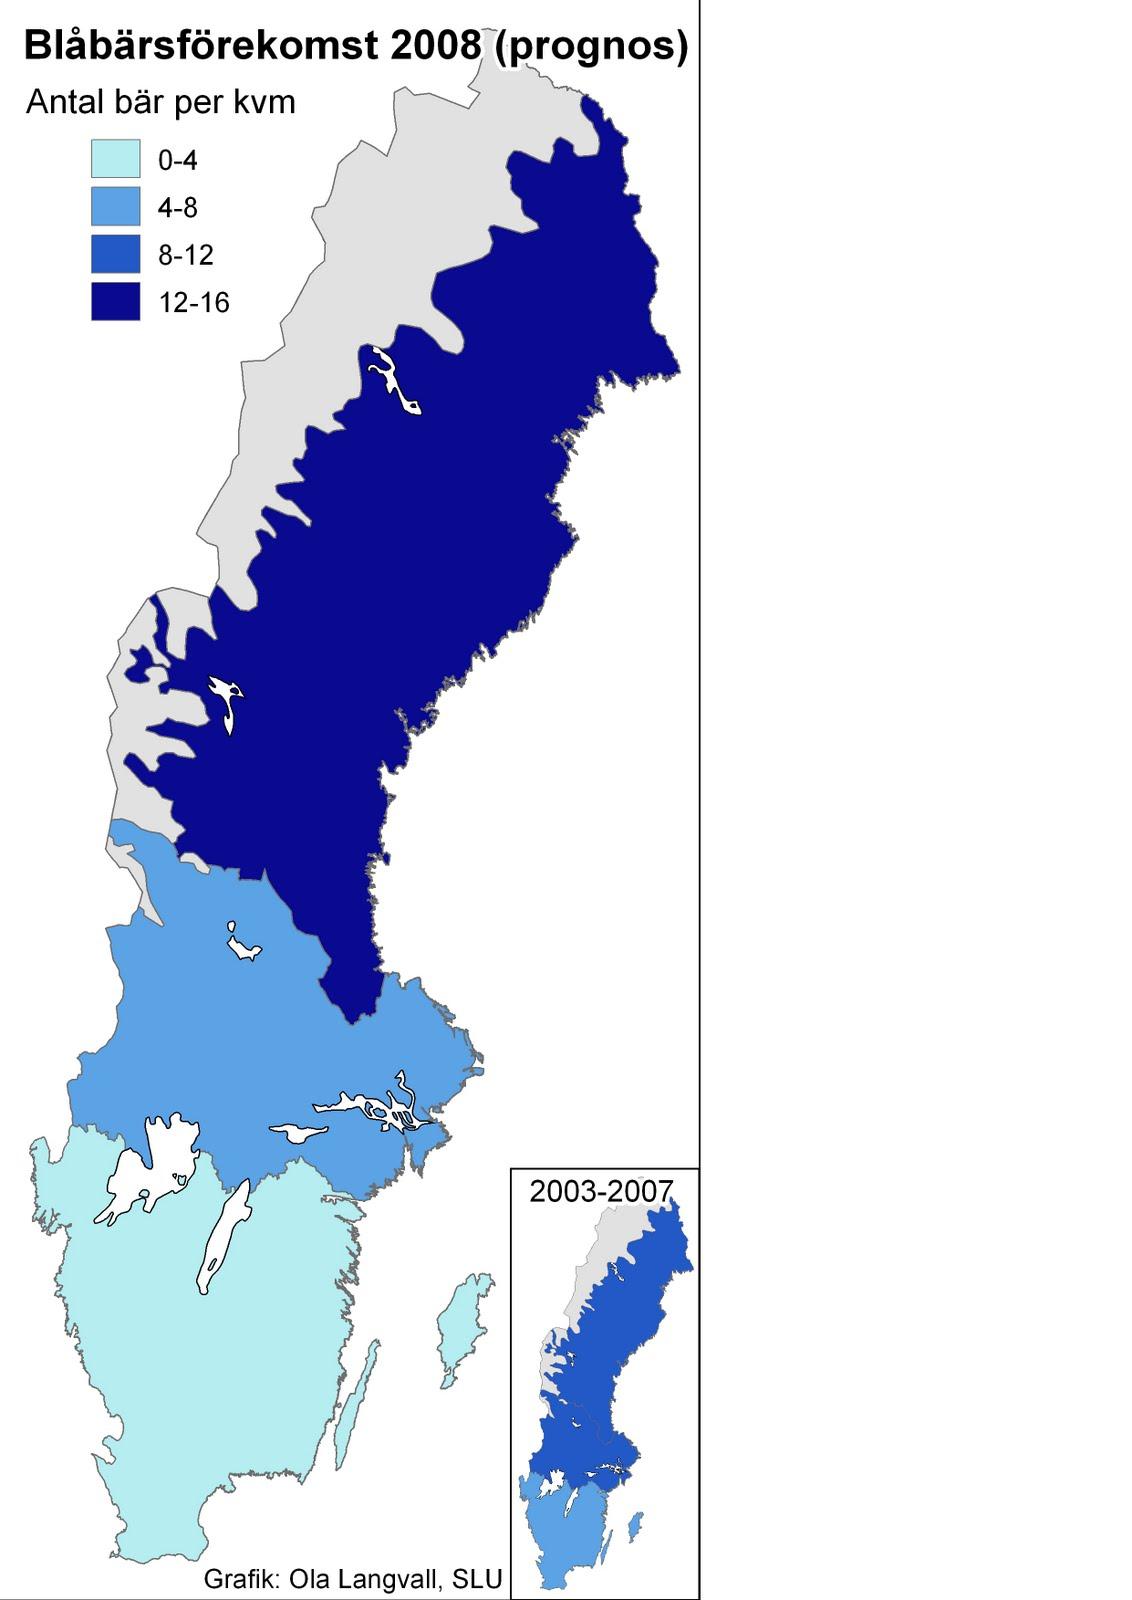 svensk porr filmer svealand karta